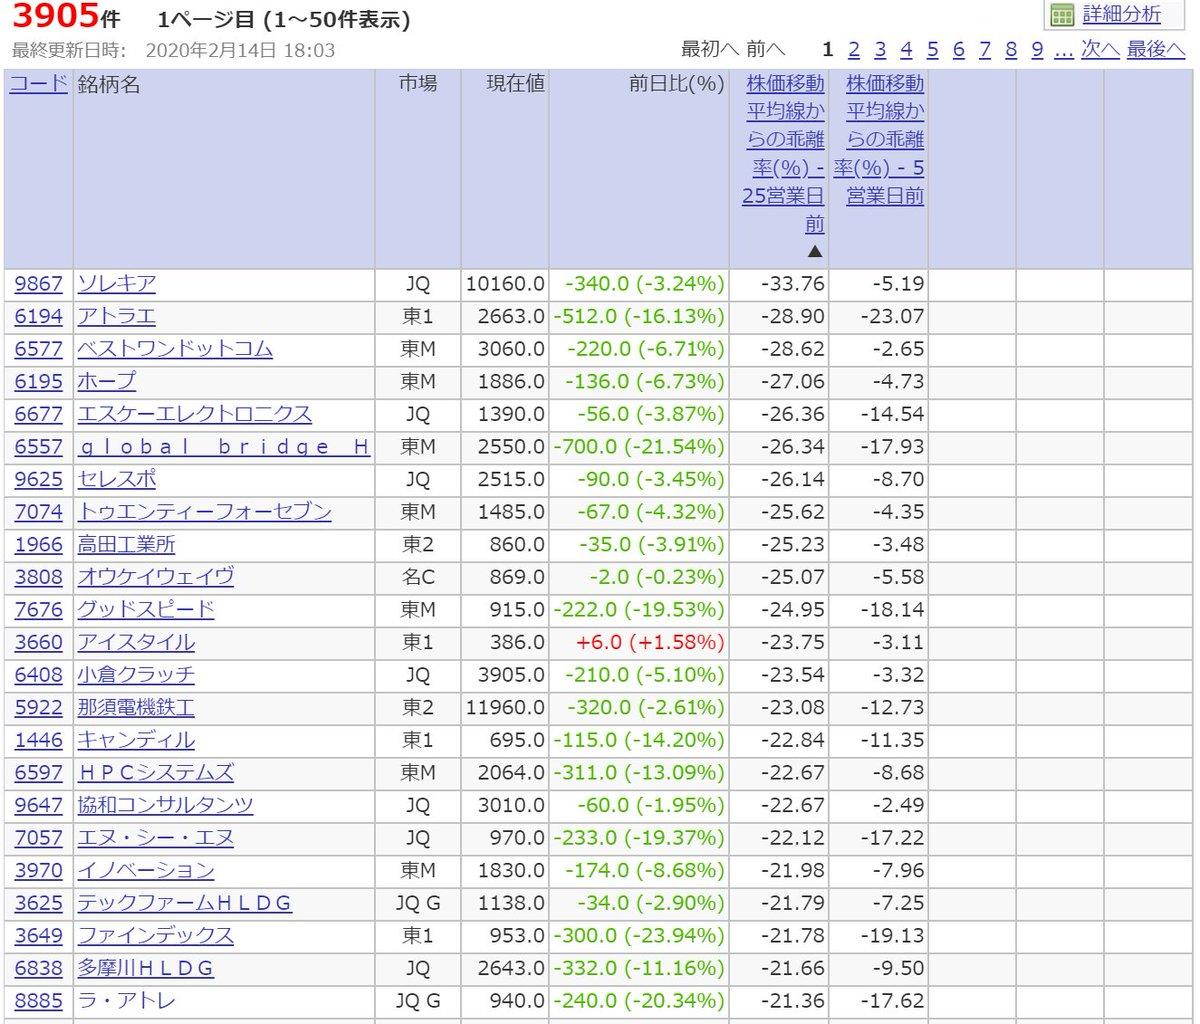 株価 hpc システムズ